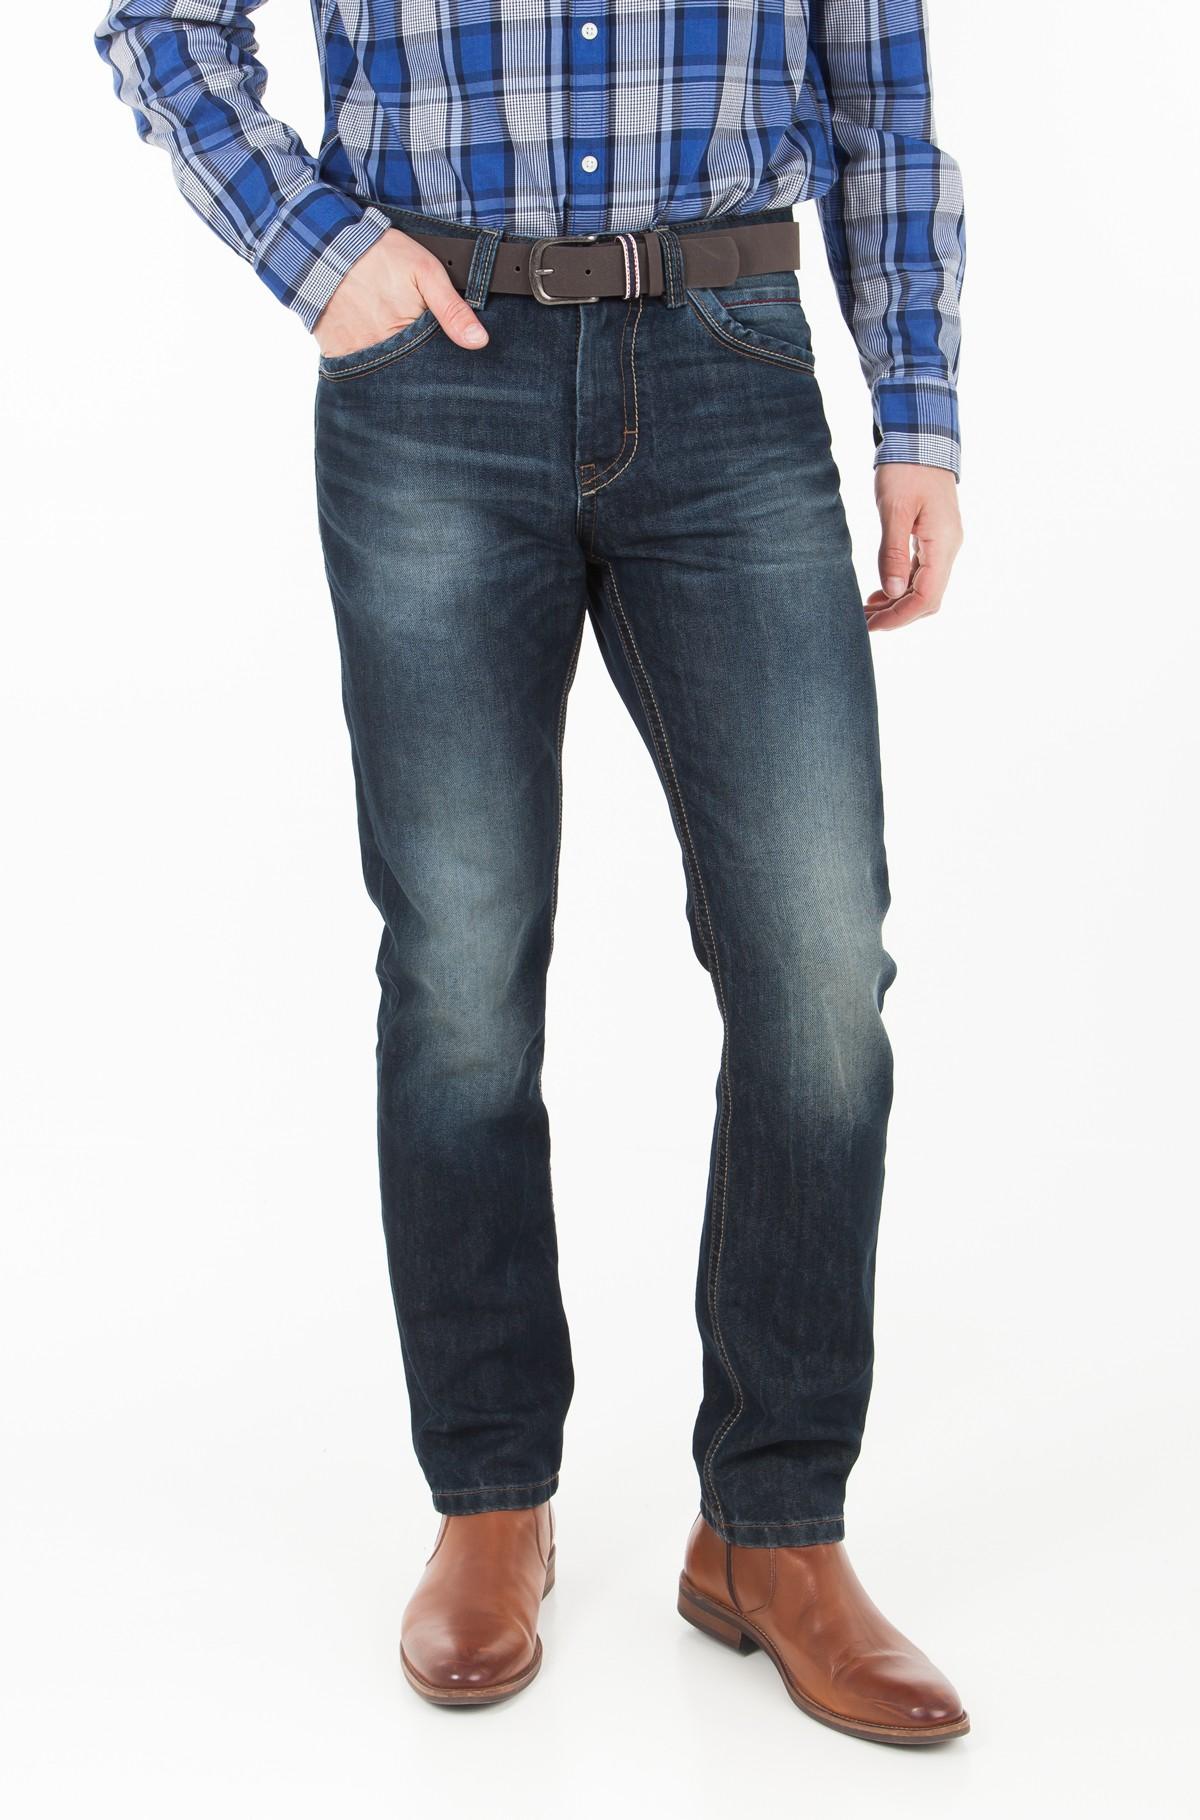 Jeans 6205245.09.10-full-1